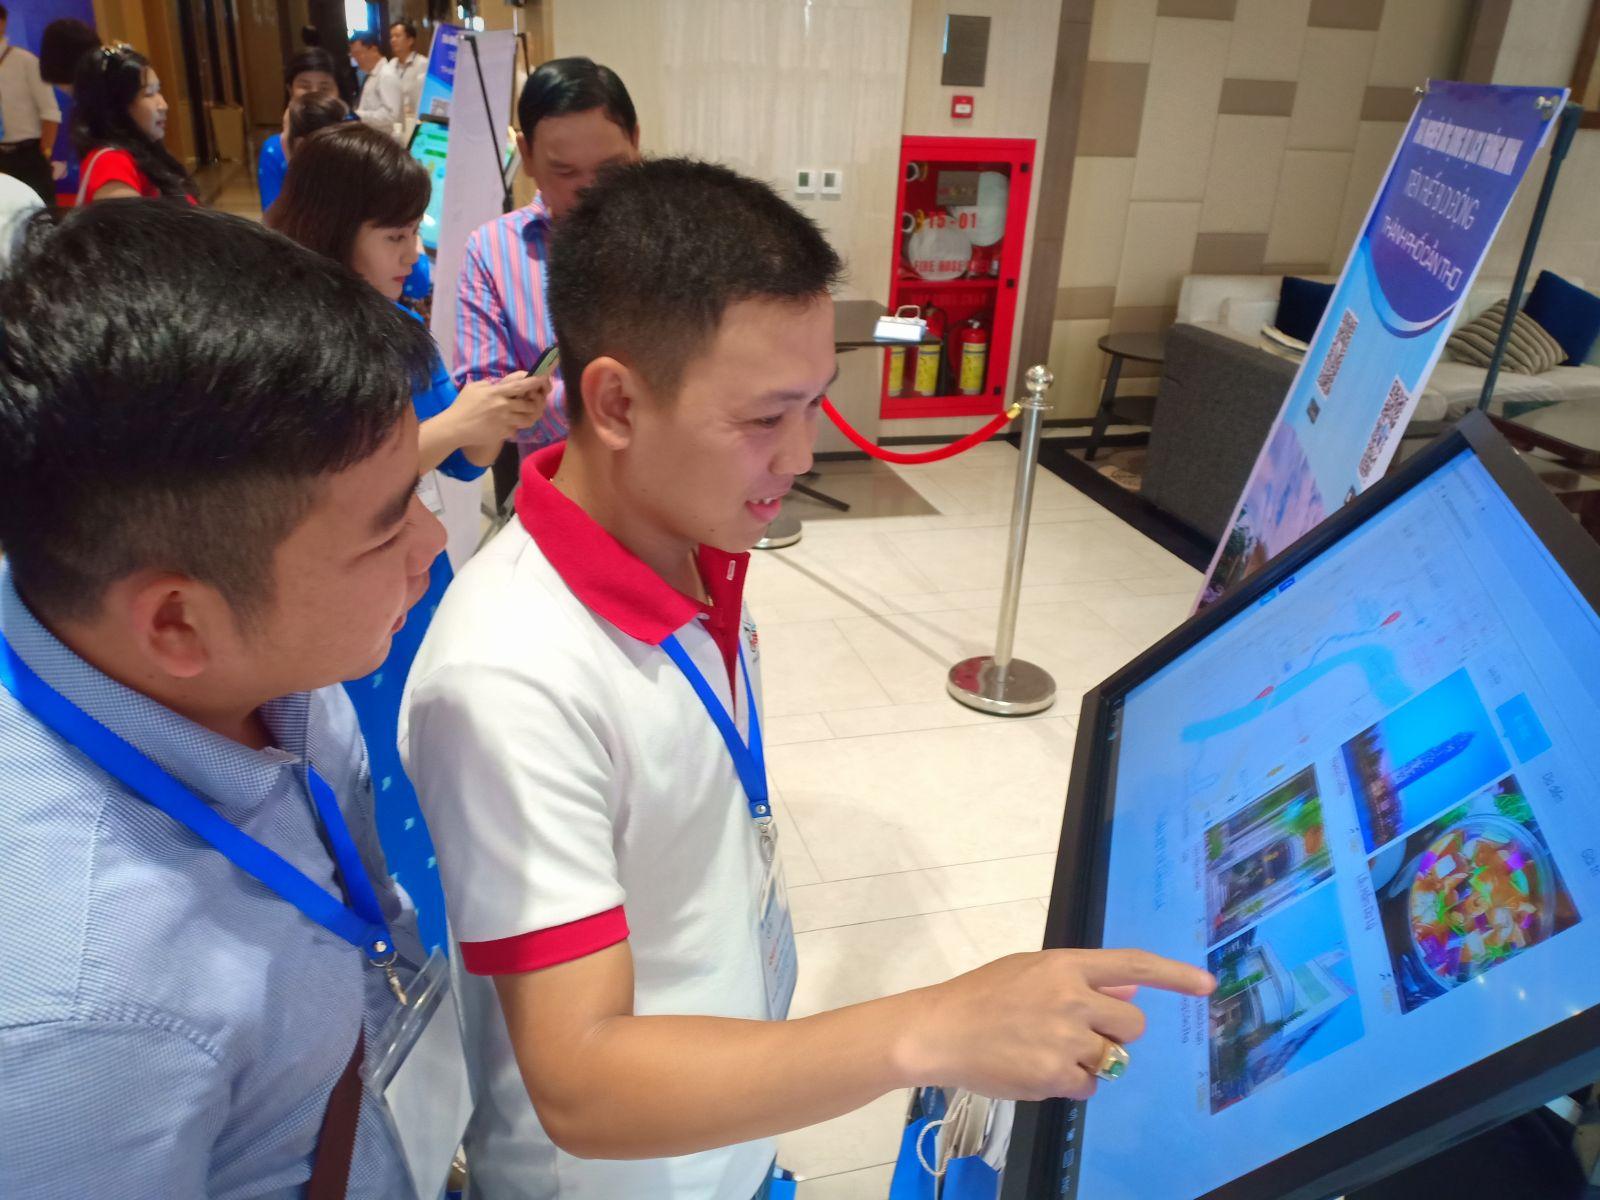 Khai trương Cổng thông tin du lịch và ứng dụng thông minh trên thiết bị di động - TP Cần Thơ